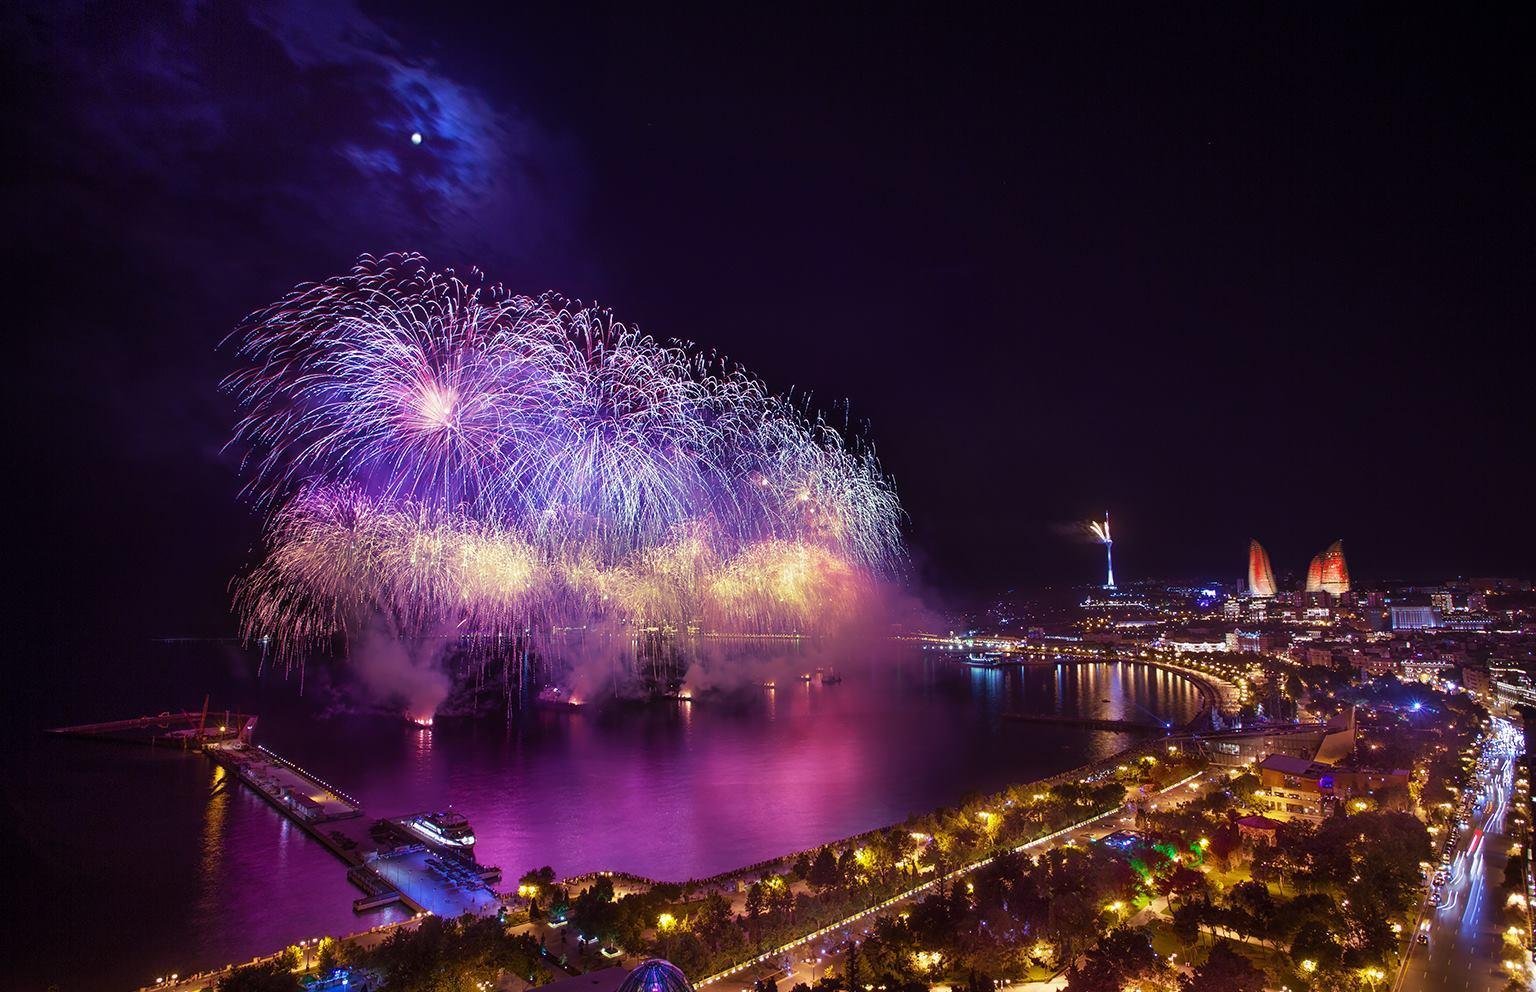 The countdown to the beginning of theEuropeanGames in Baku, Azerbaijan. Credit:Urek Meniashvili via Wikimedia Commons.